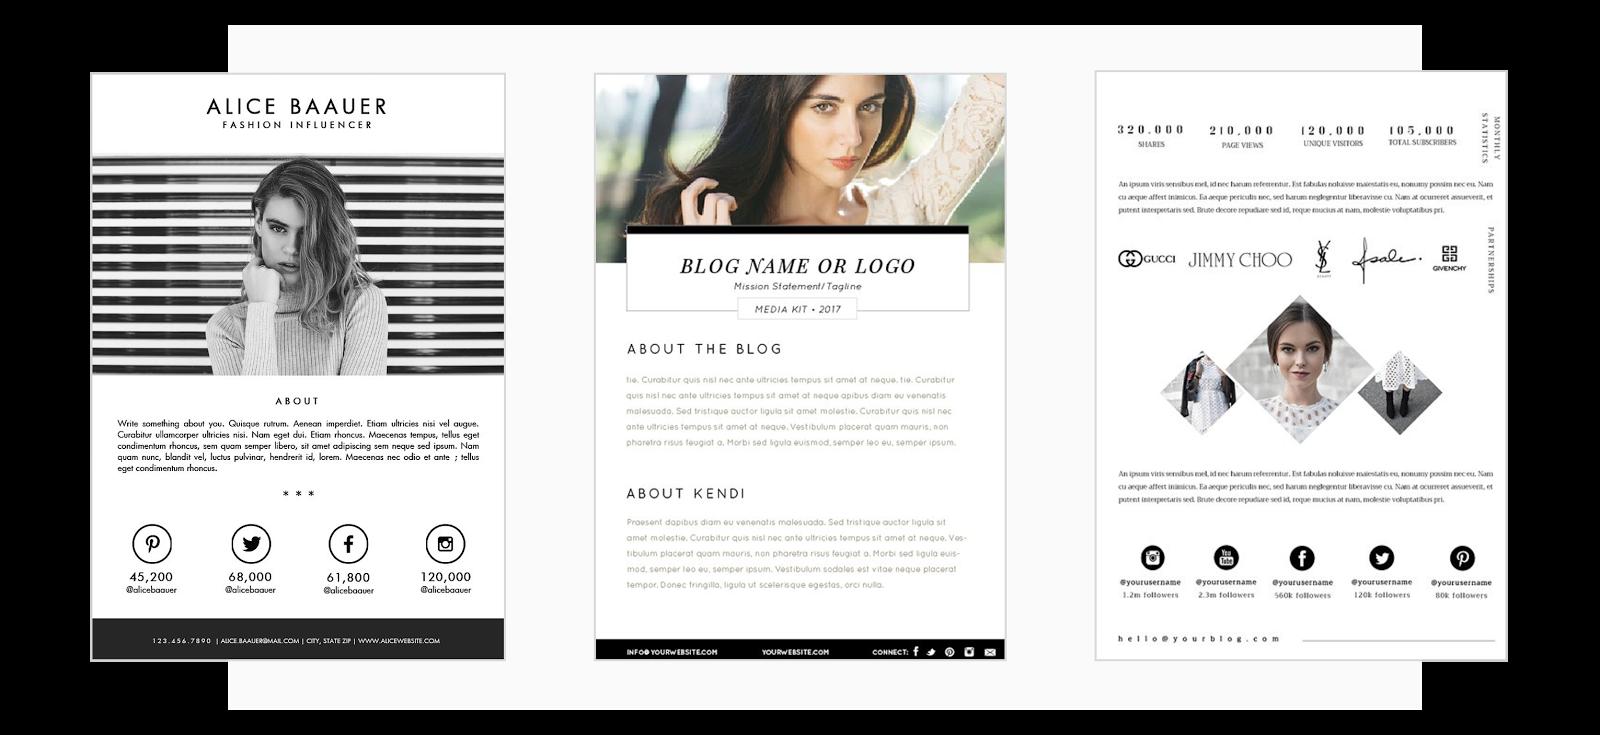 Cómo diseñar un media kit para influencers